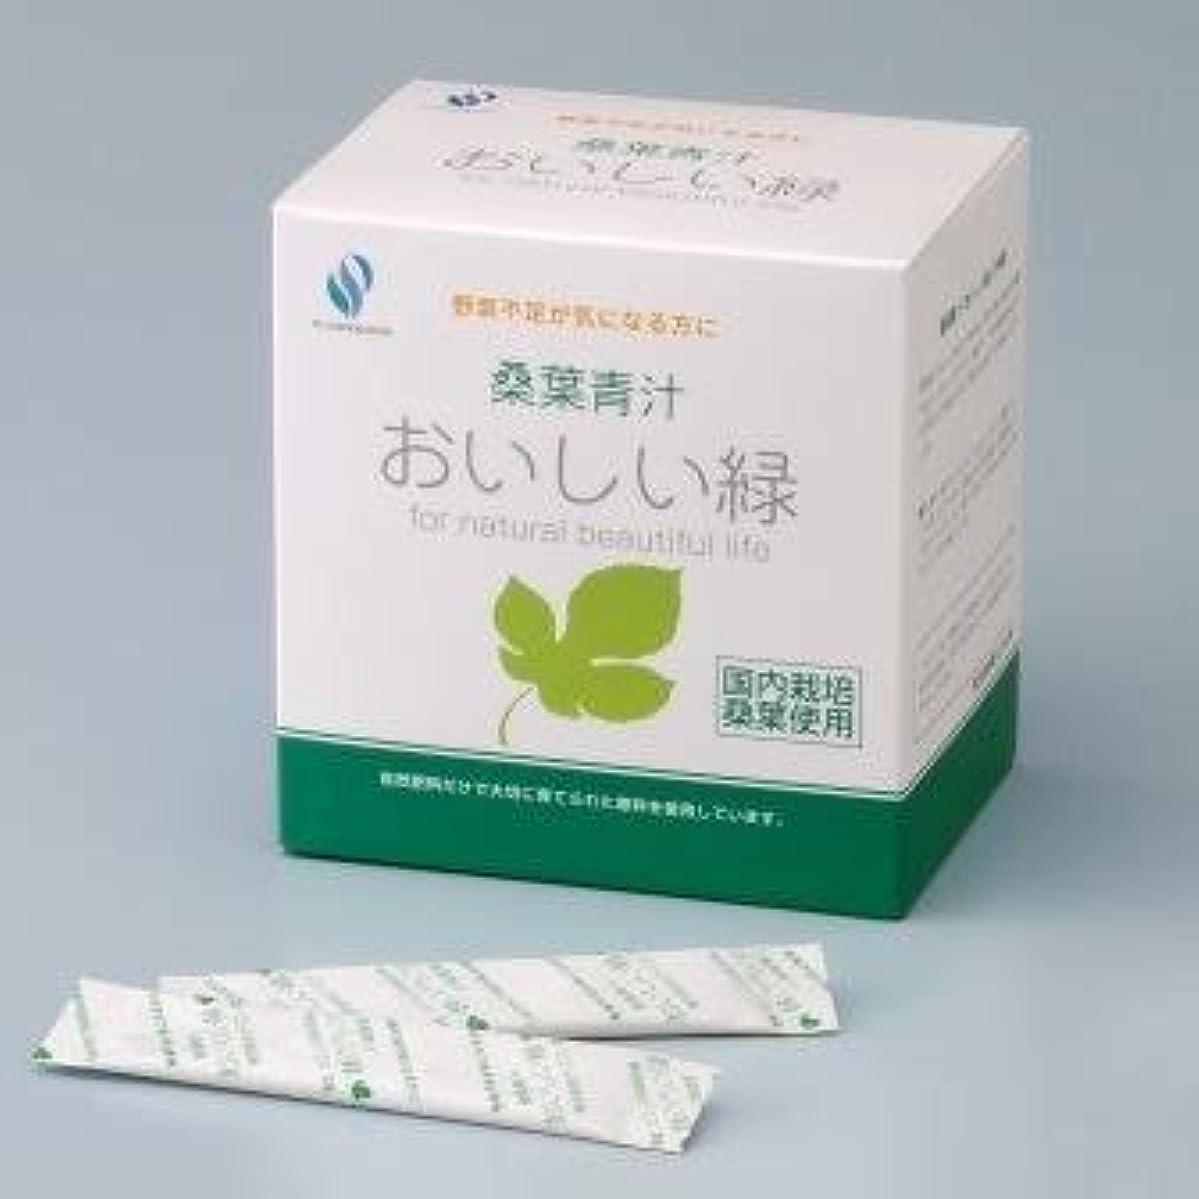 コーンウォールそれぞれ拡張【栄養補助食品】 桑葉青汁 おいしい緑 (本体(2gx60本入り))